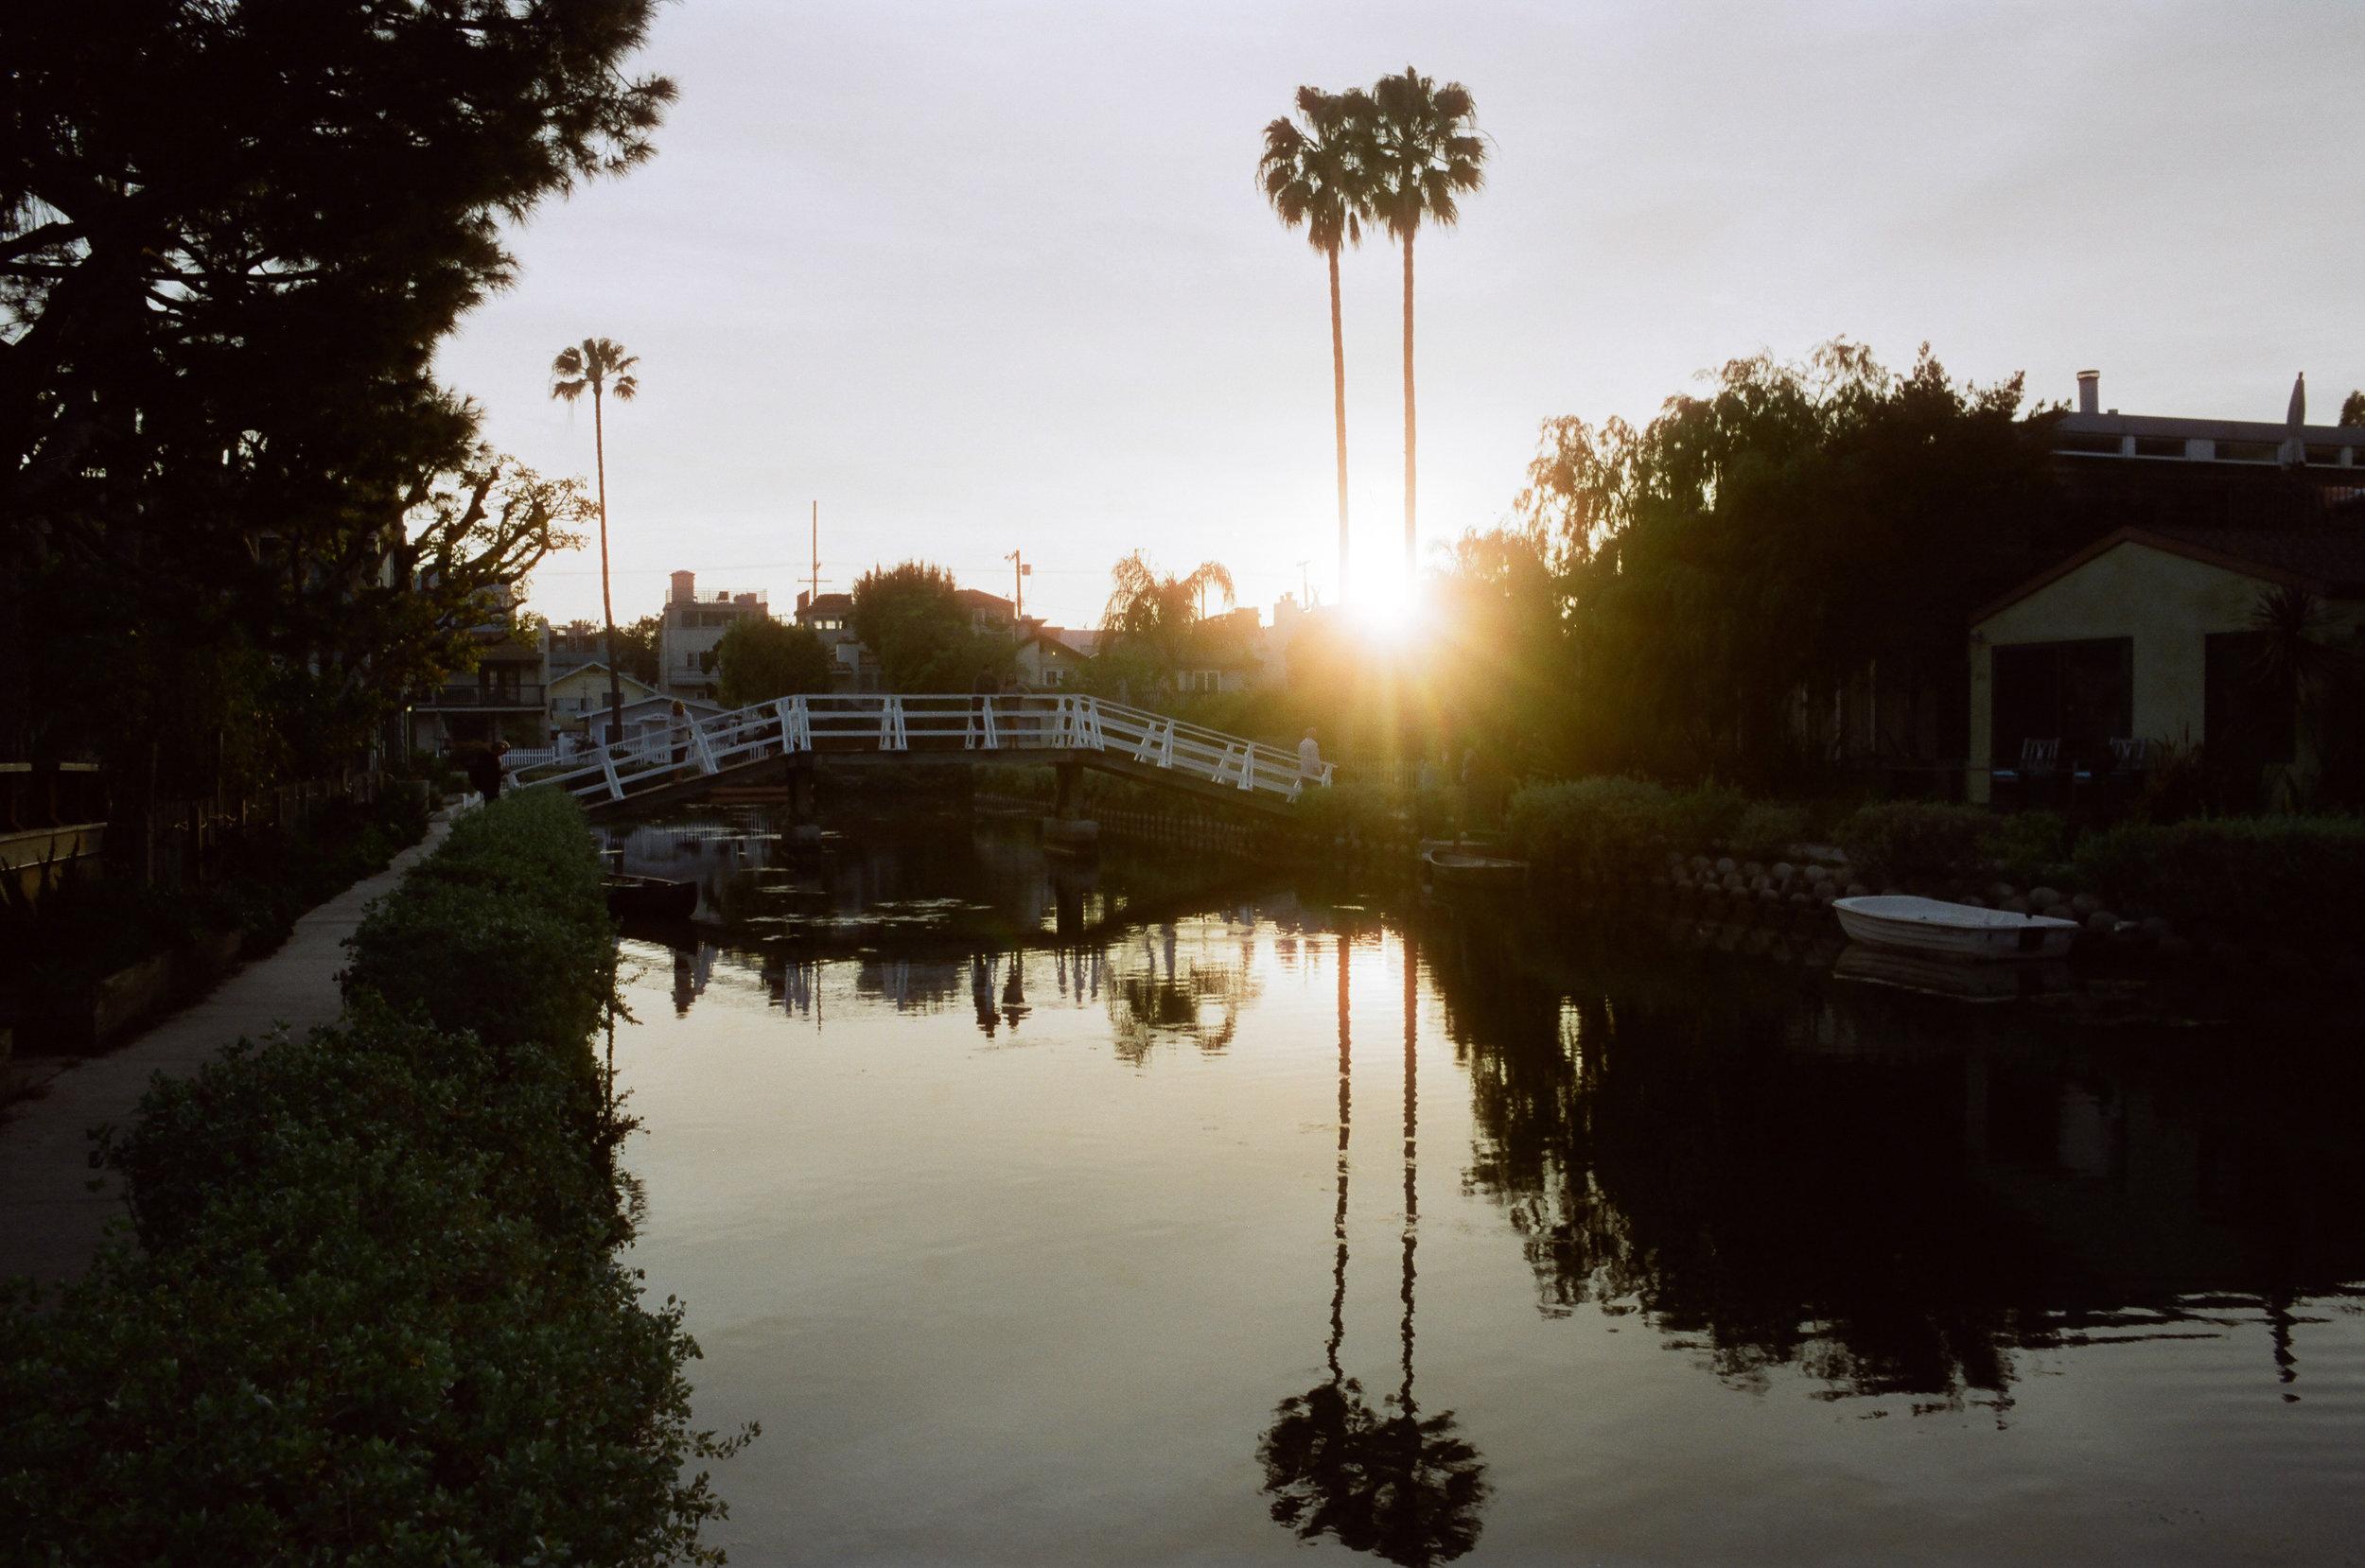 Venice_Cinestill 50D_35mm_36.jpg